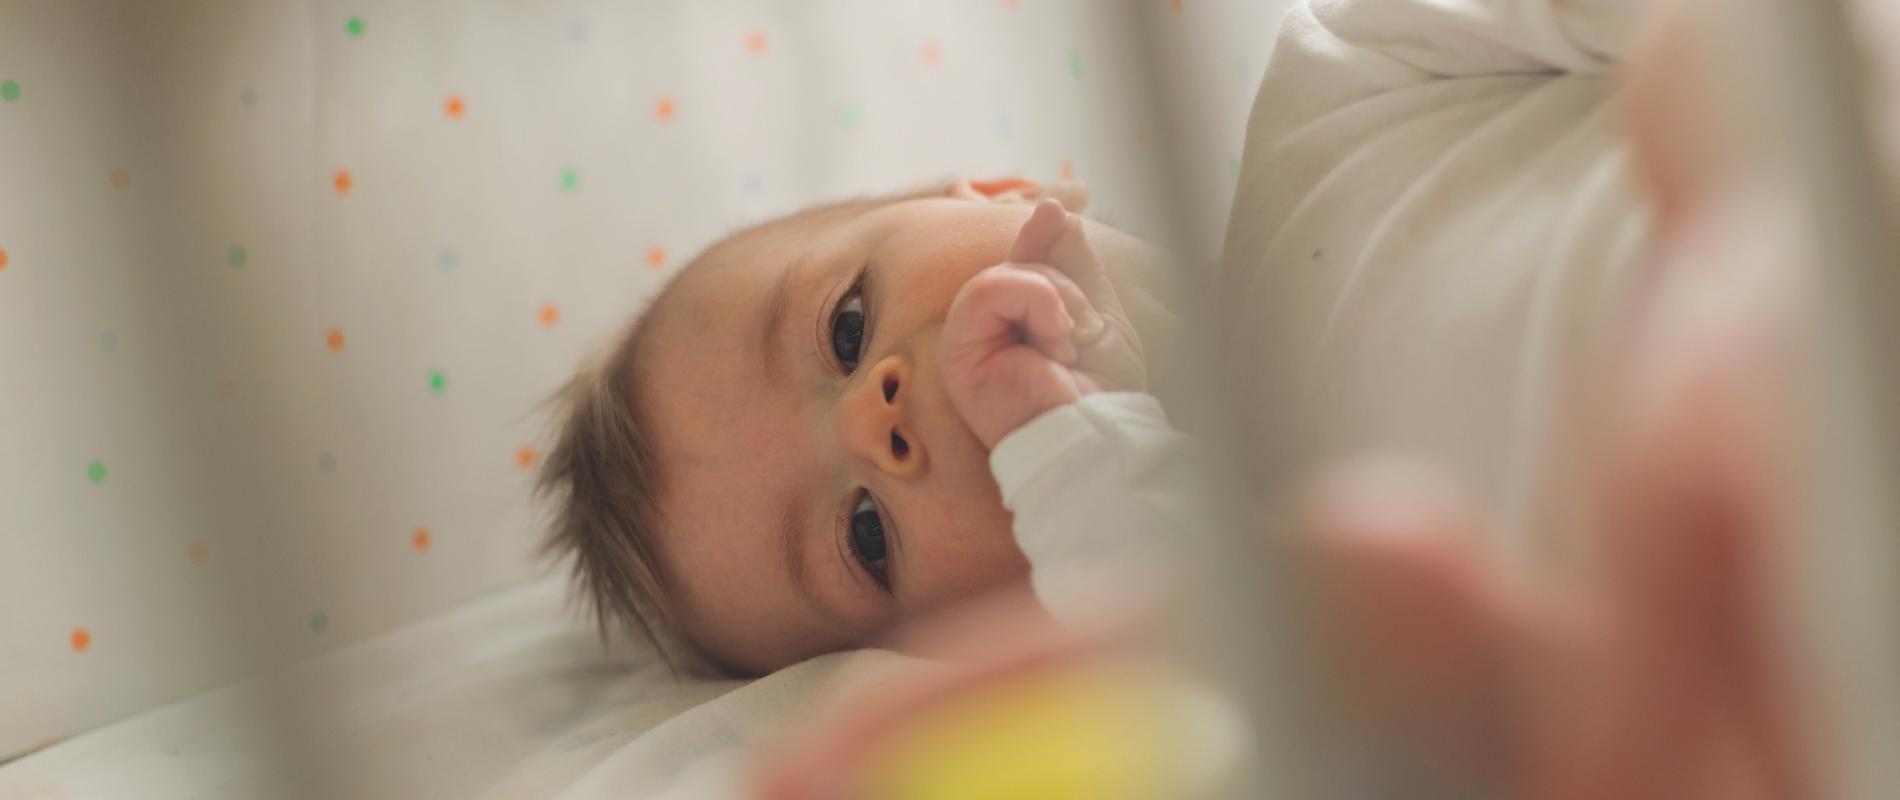 逾3成婴儿有就寝妨碍 法媒帮你剖析基本缘由